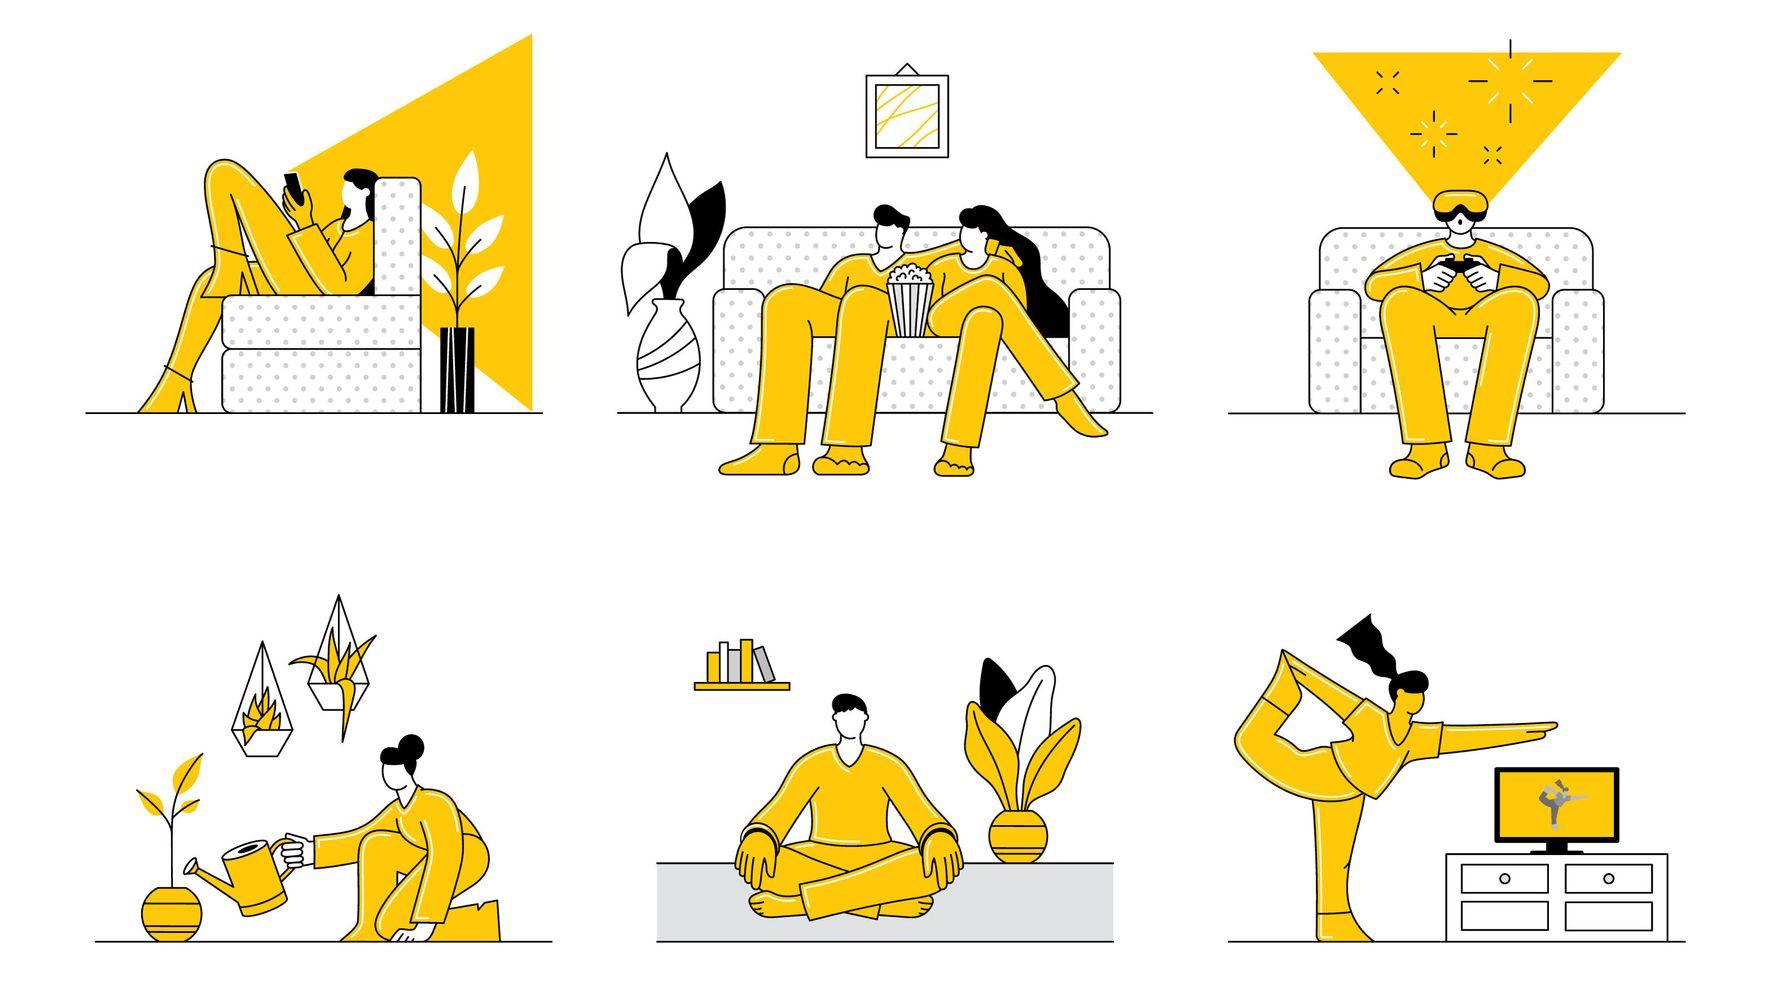 Pessoas introvertidas e extrovertidas lidam de maneiras diferentes com a pandemia